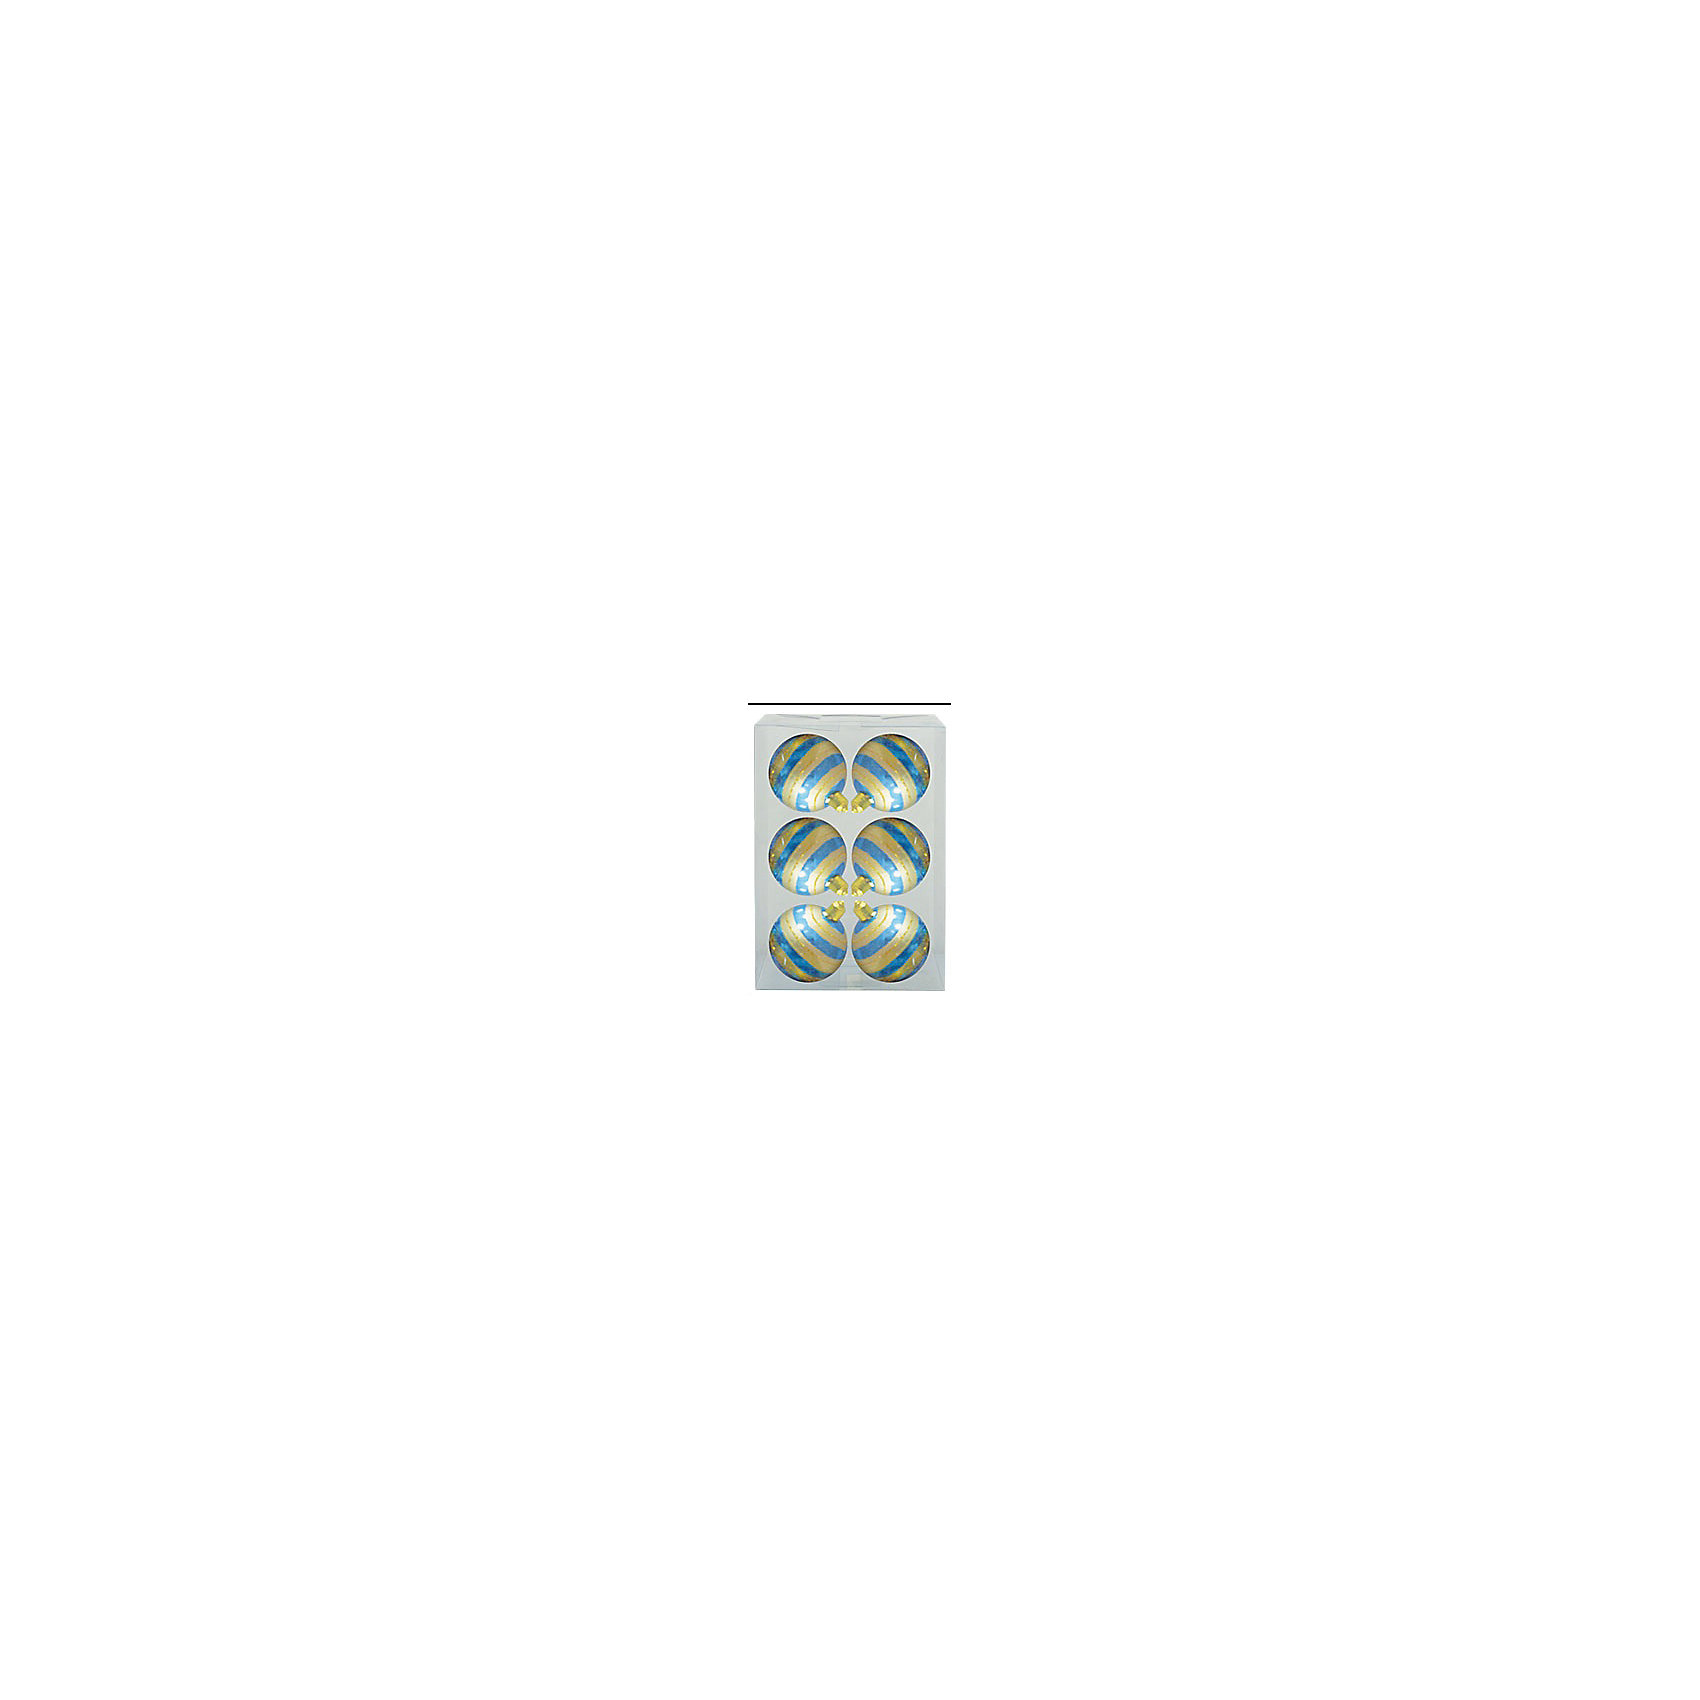 Marko Ferenzo Набор шаров Детский 6 шт, 6 см, бирюза глянцевый с узором какой препарат чтобы повысить содержание магния в организме